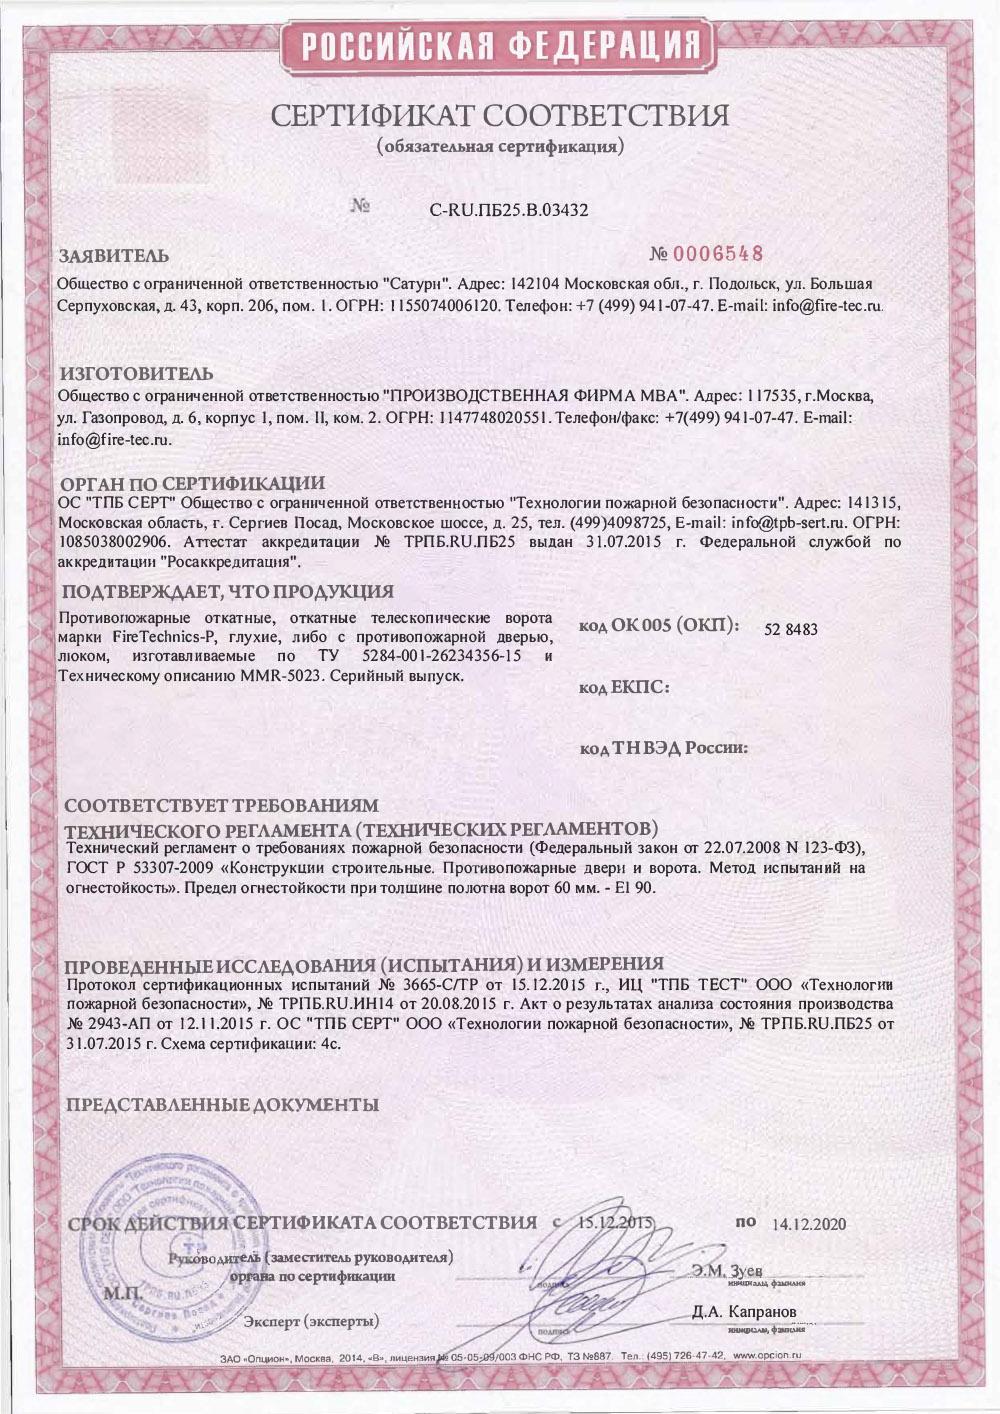 Сертификат Откатные Противопожарные ворота FireTechnics-P EI 90